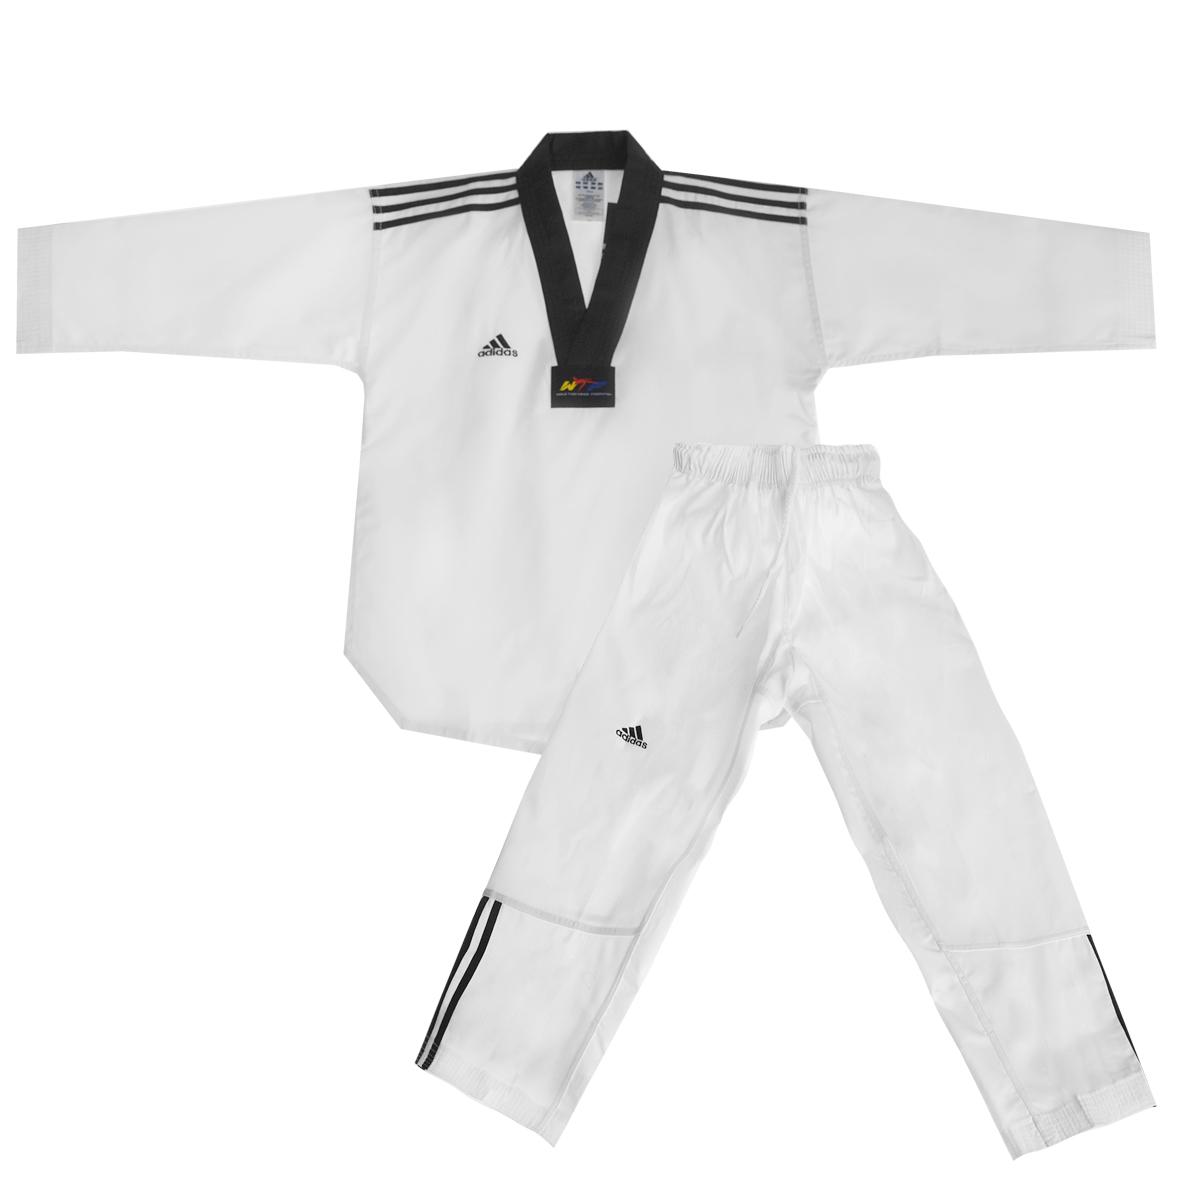 Кимоно для тхэквондо adidas WTF Adi-Club 3, цвет: белый, черный. adiTCB02-WH/BK. Размер 180adiTCB02-WH/BKКимоно для тхэквондо adidas WTF Adi-Club 3 состоит из рубашки и брюк. Просторная рубашка без пояса с V-образным вырезом горловин, боковыми разрезами и длинными рукавами изготовлена из плотного полиэстера с добавлением хлопка. Боковые швы, края рукавов и полочка укреплены дополнительными строчками. В области талии по спинке рубашка дополнена эластичной резинкой для регулирования ширины.Просторные брюки особого покроя имеют широкий эластичный пояс, регулируемый скрытым шнурком. Низ брючин с внутренней стороны укреплен дополнительными строчками.Кимоно рекомендуется для тренировок в зале.